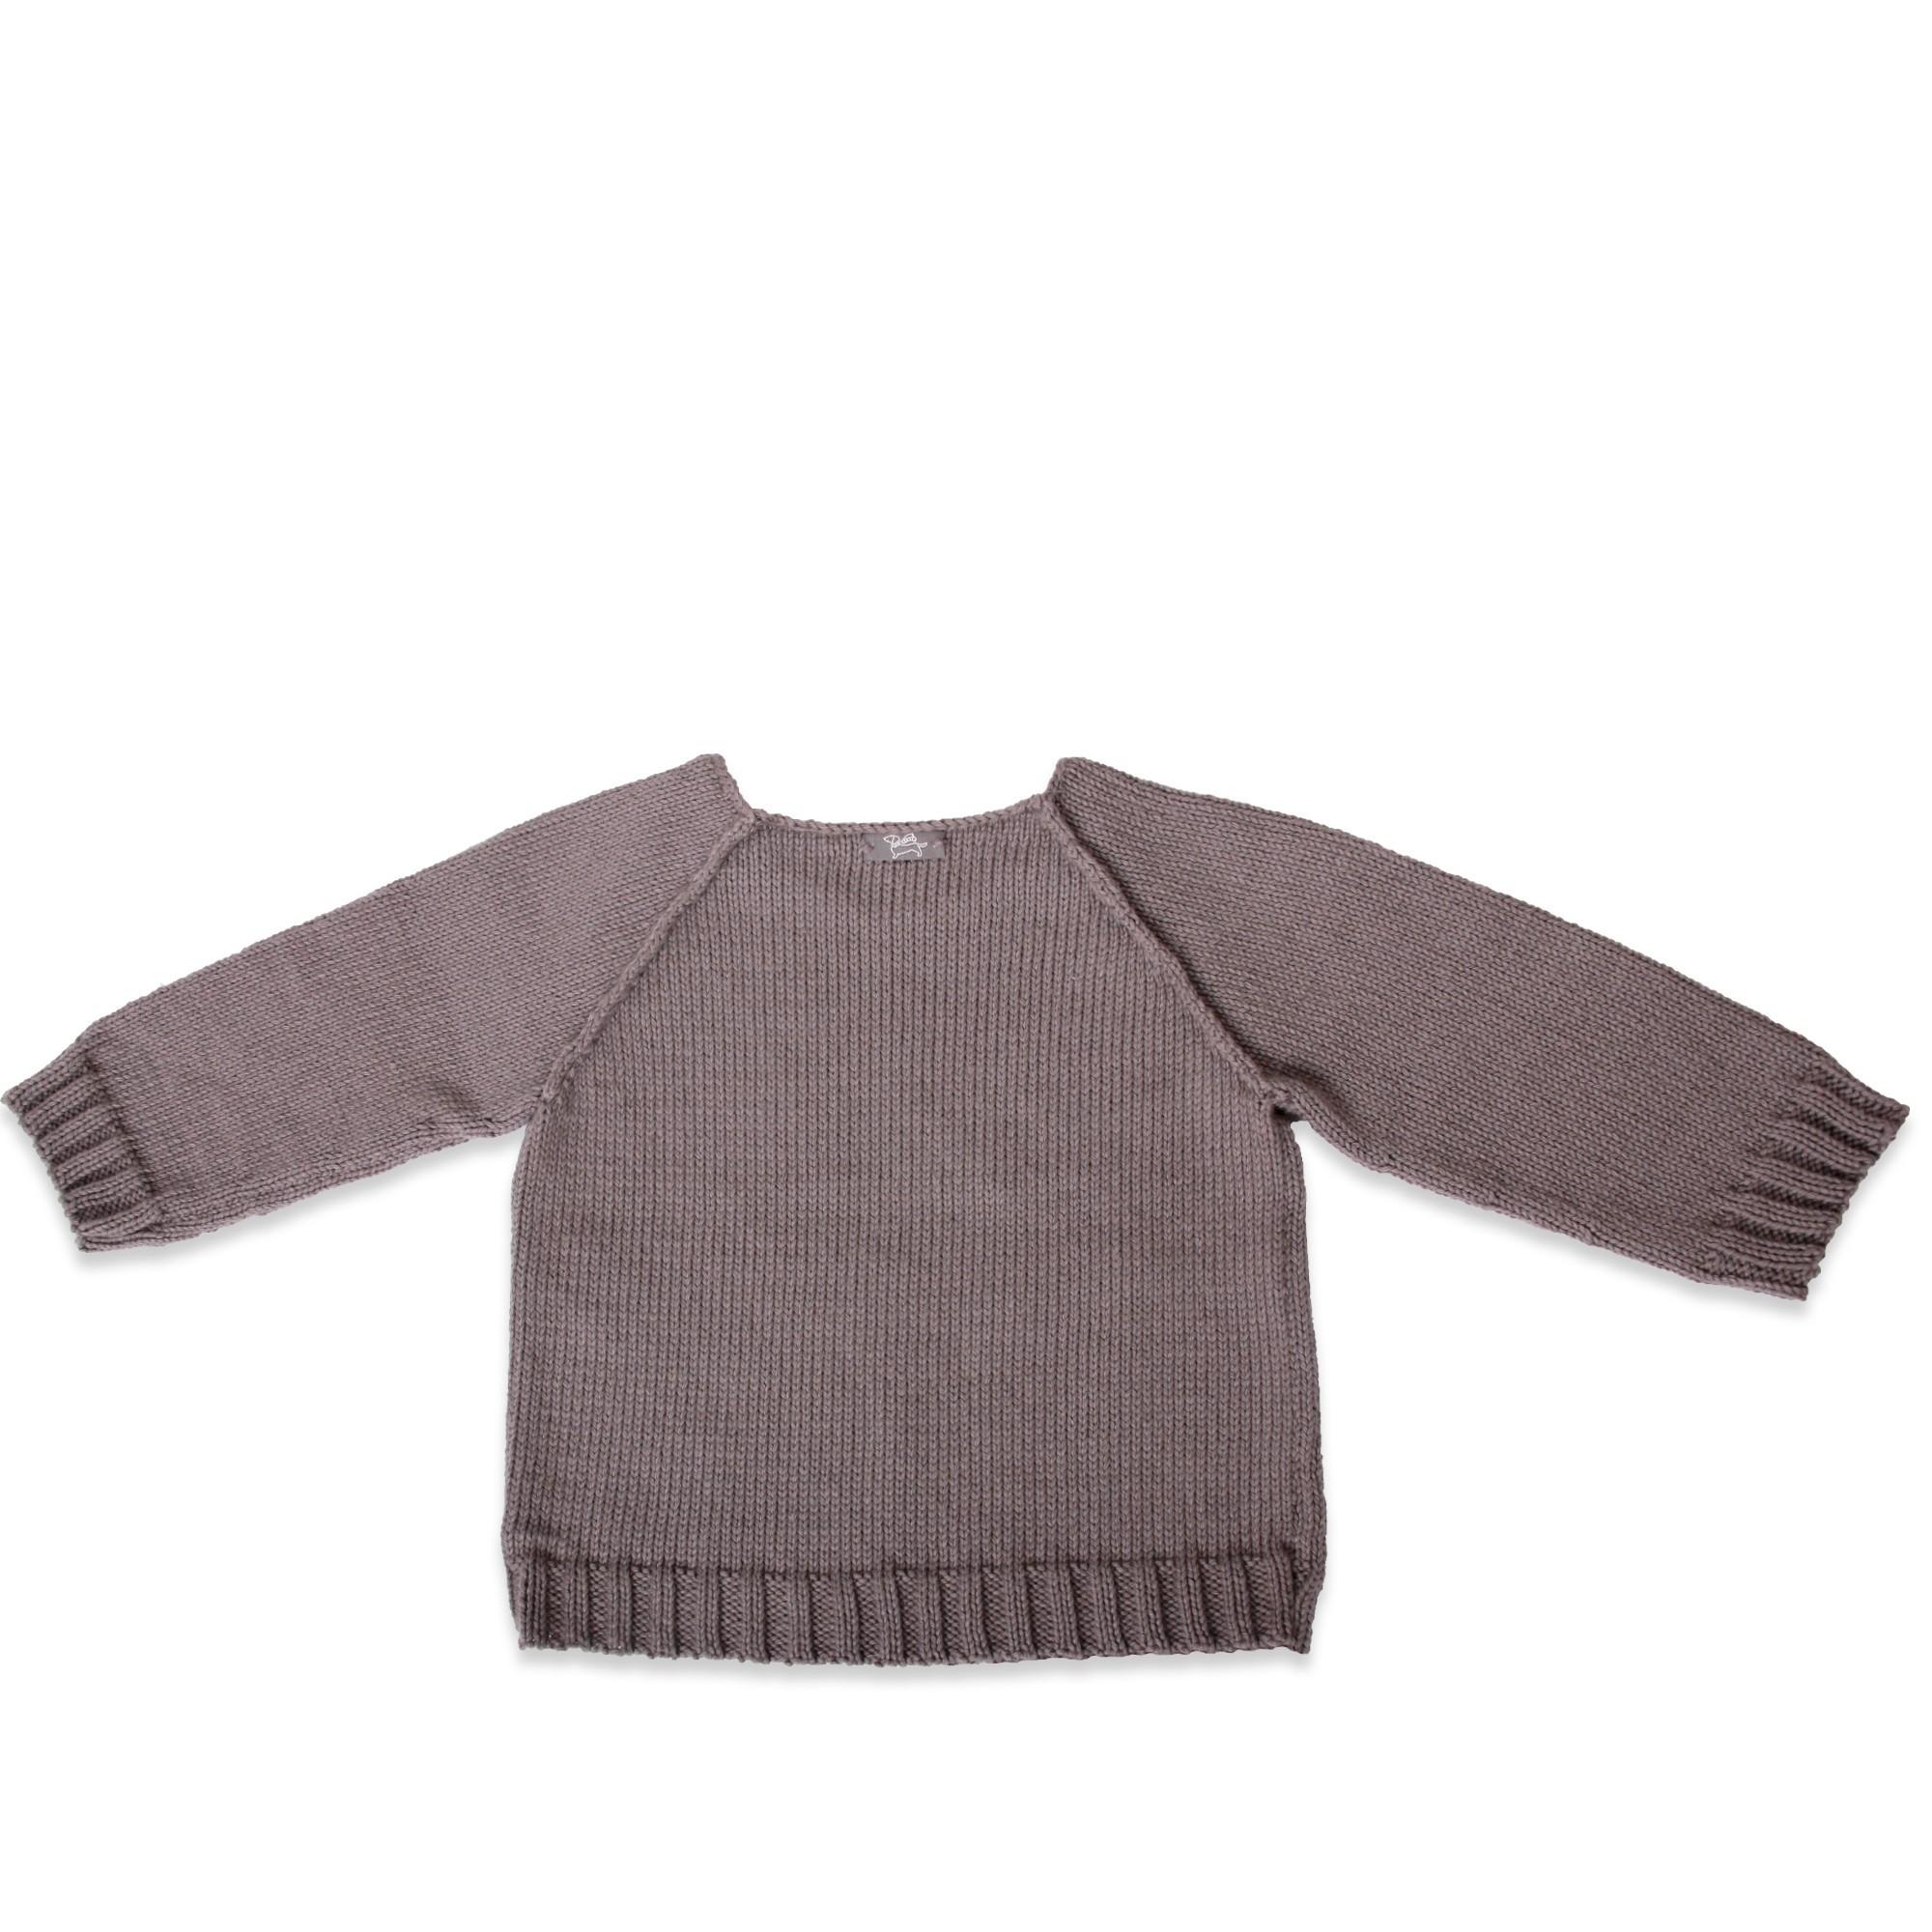 Pull enfant et écolier point jersey gris anthracite